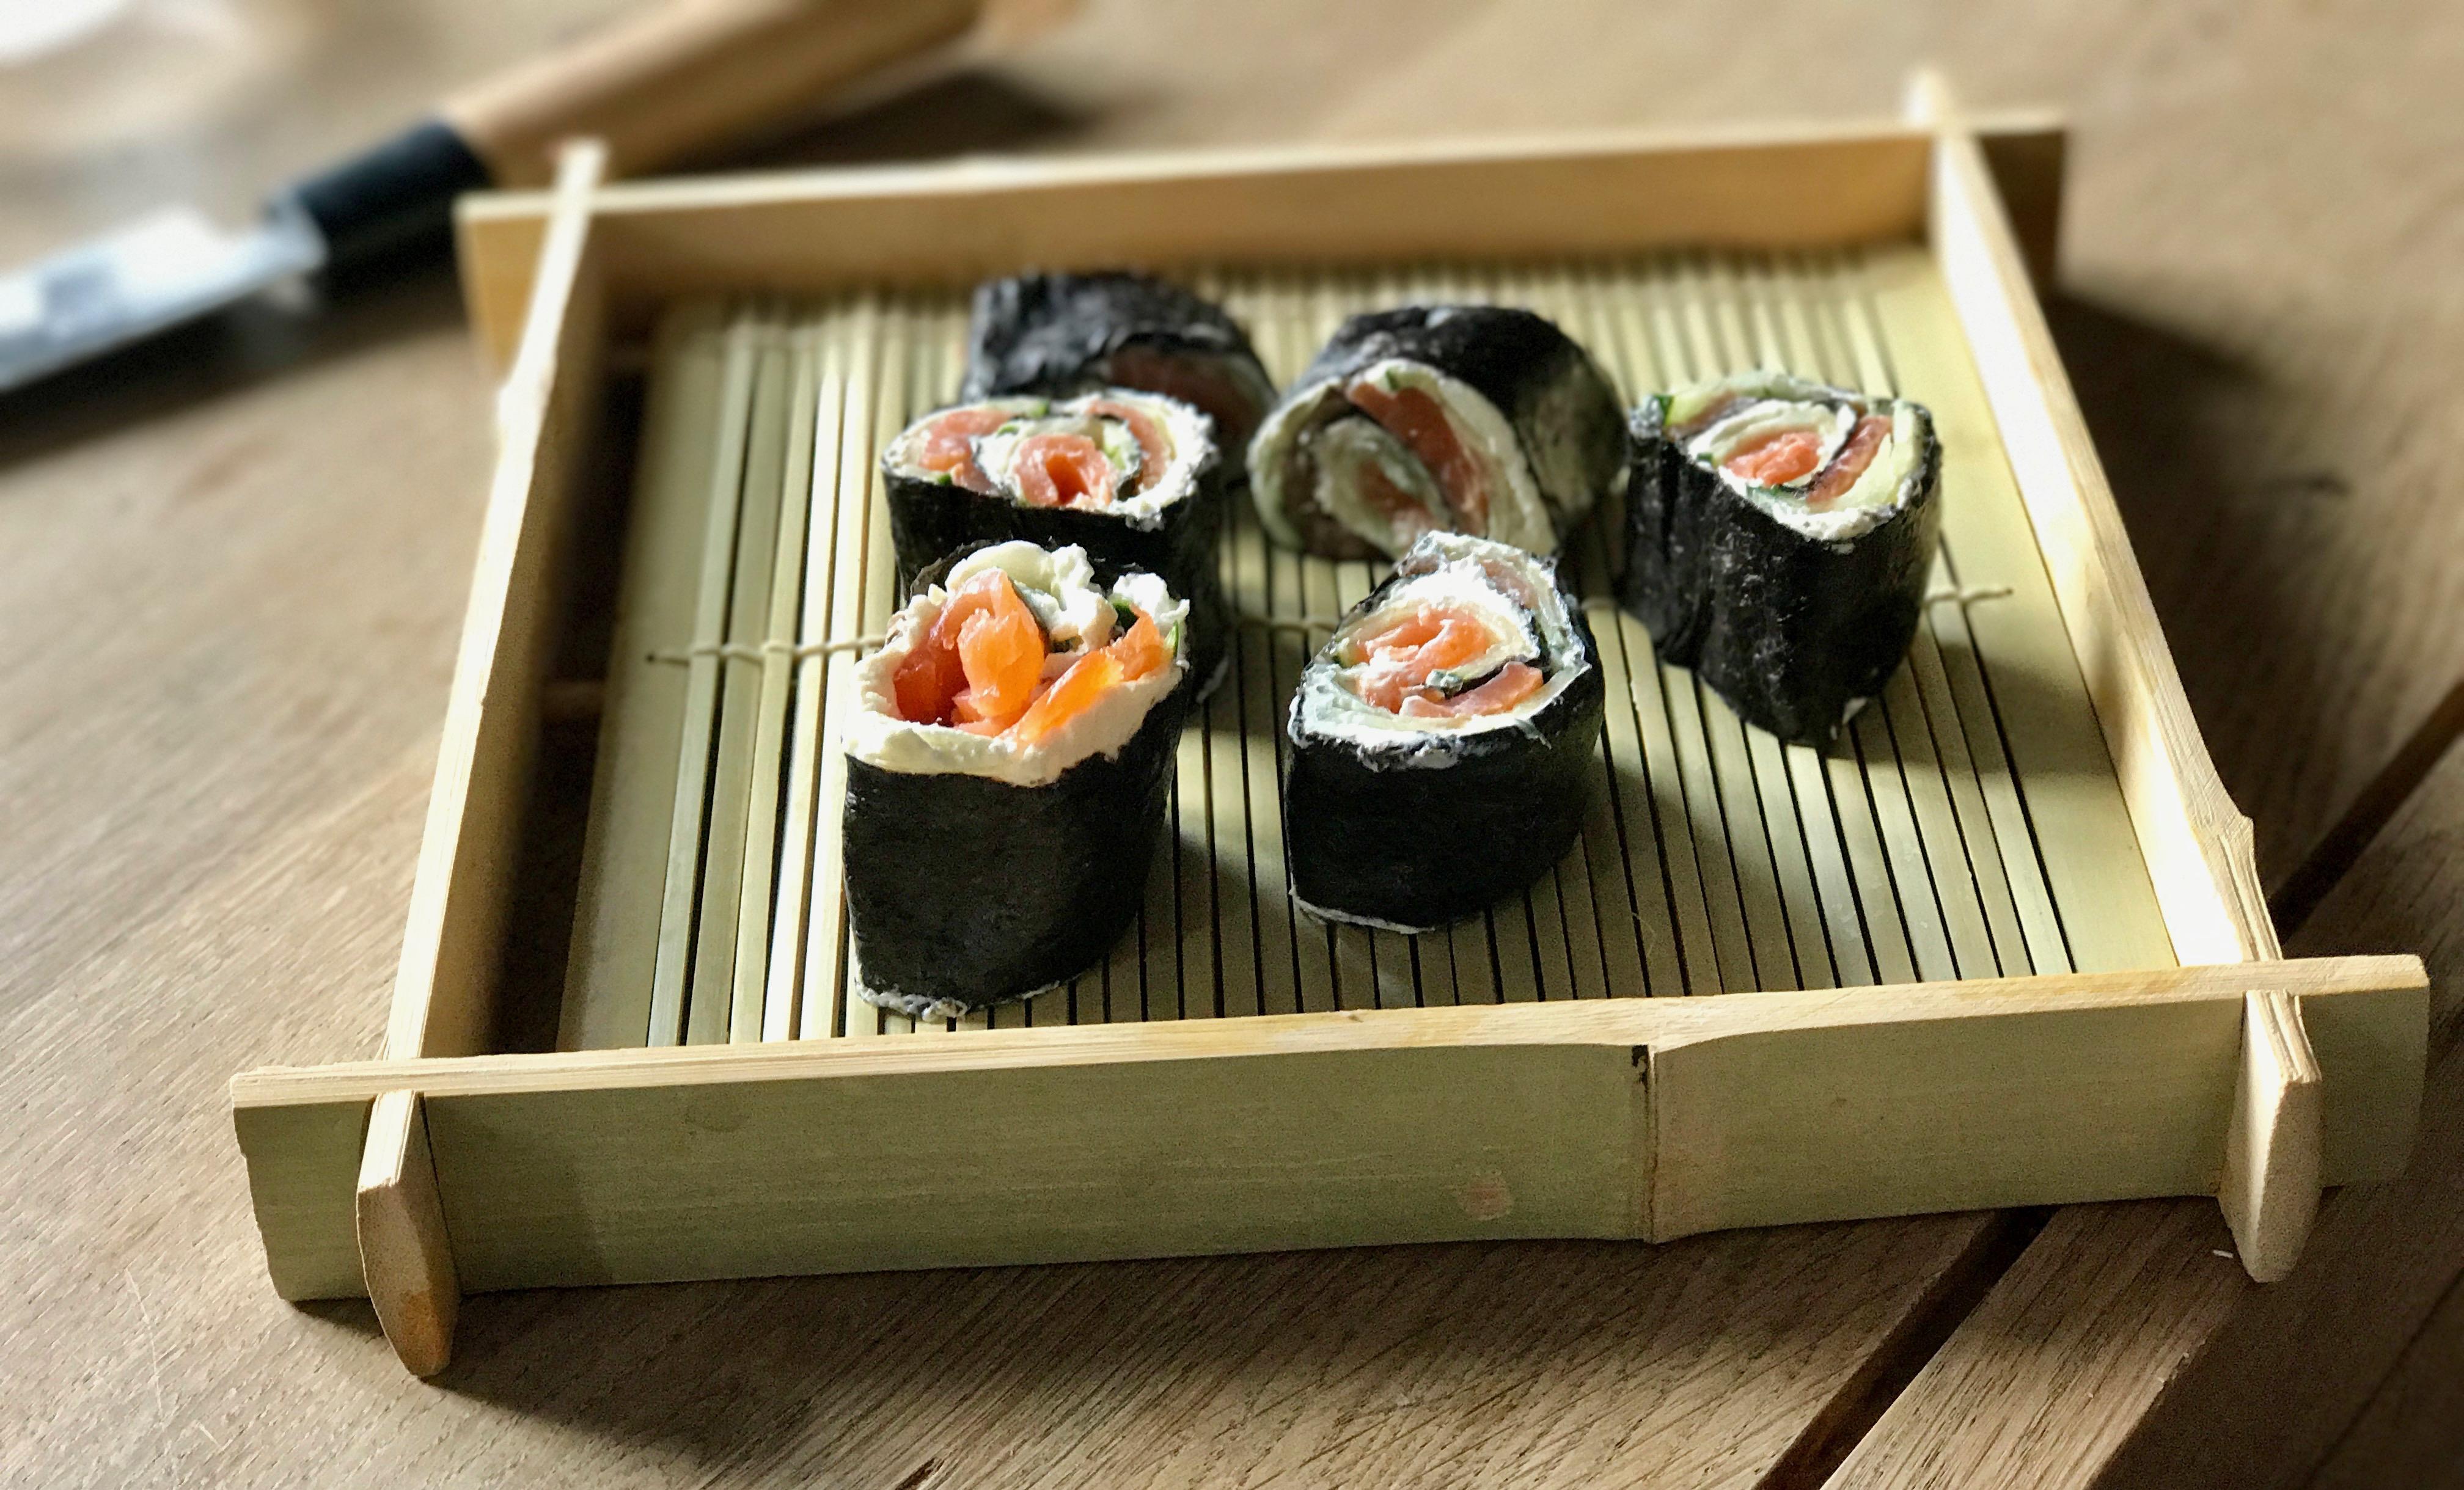 rezept test low carb sushi supermenu. Black Bedroom Furniture Sets. Home Design Ideas